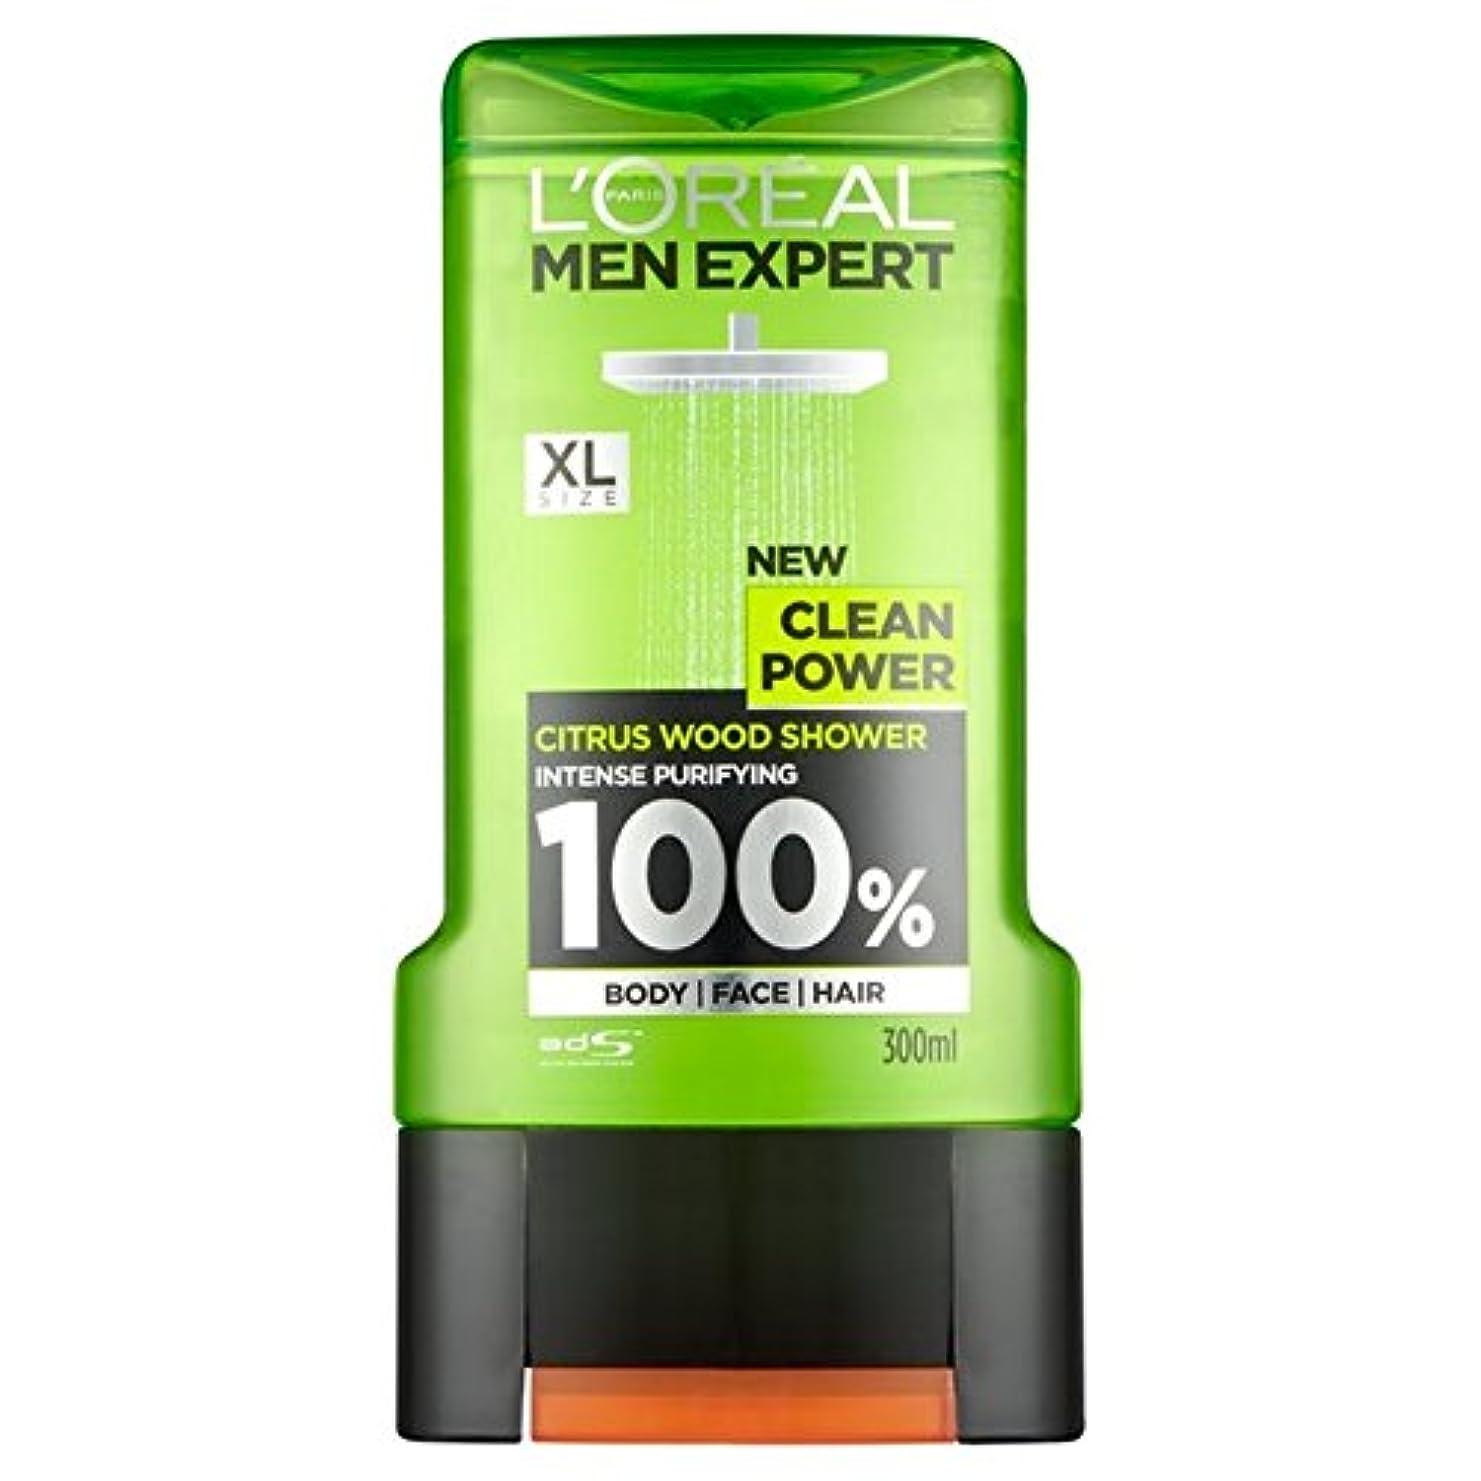 波ランダム痴漢L'Oreal Paris Men Expert Clean Power Shower Gel 300ml - ロレアルパリの男性の専門家クリーンパワーシャワージェル300ミリリットル [並行輸入品]